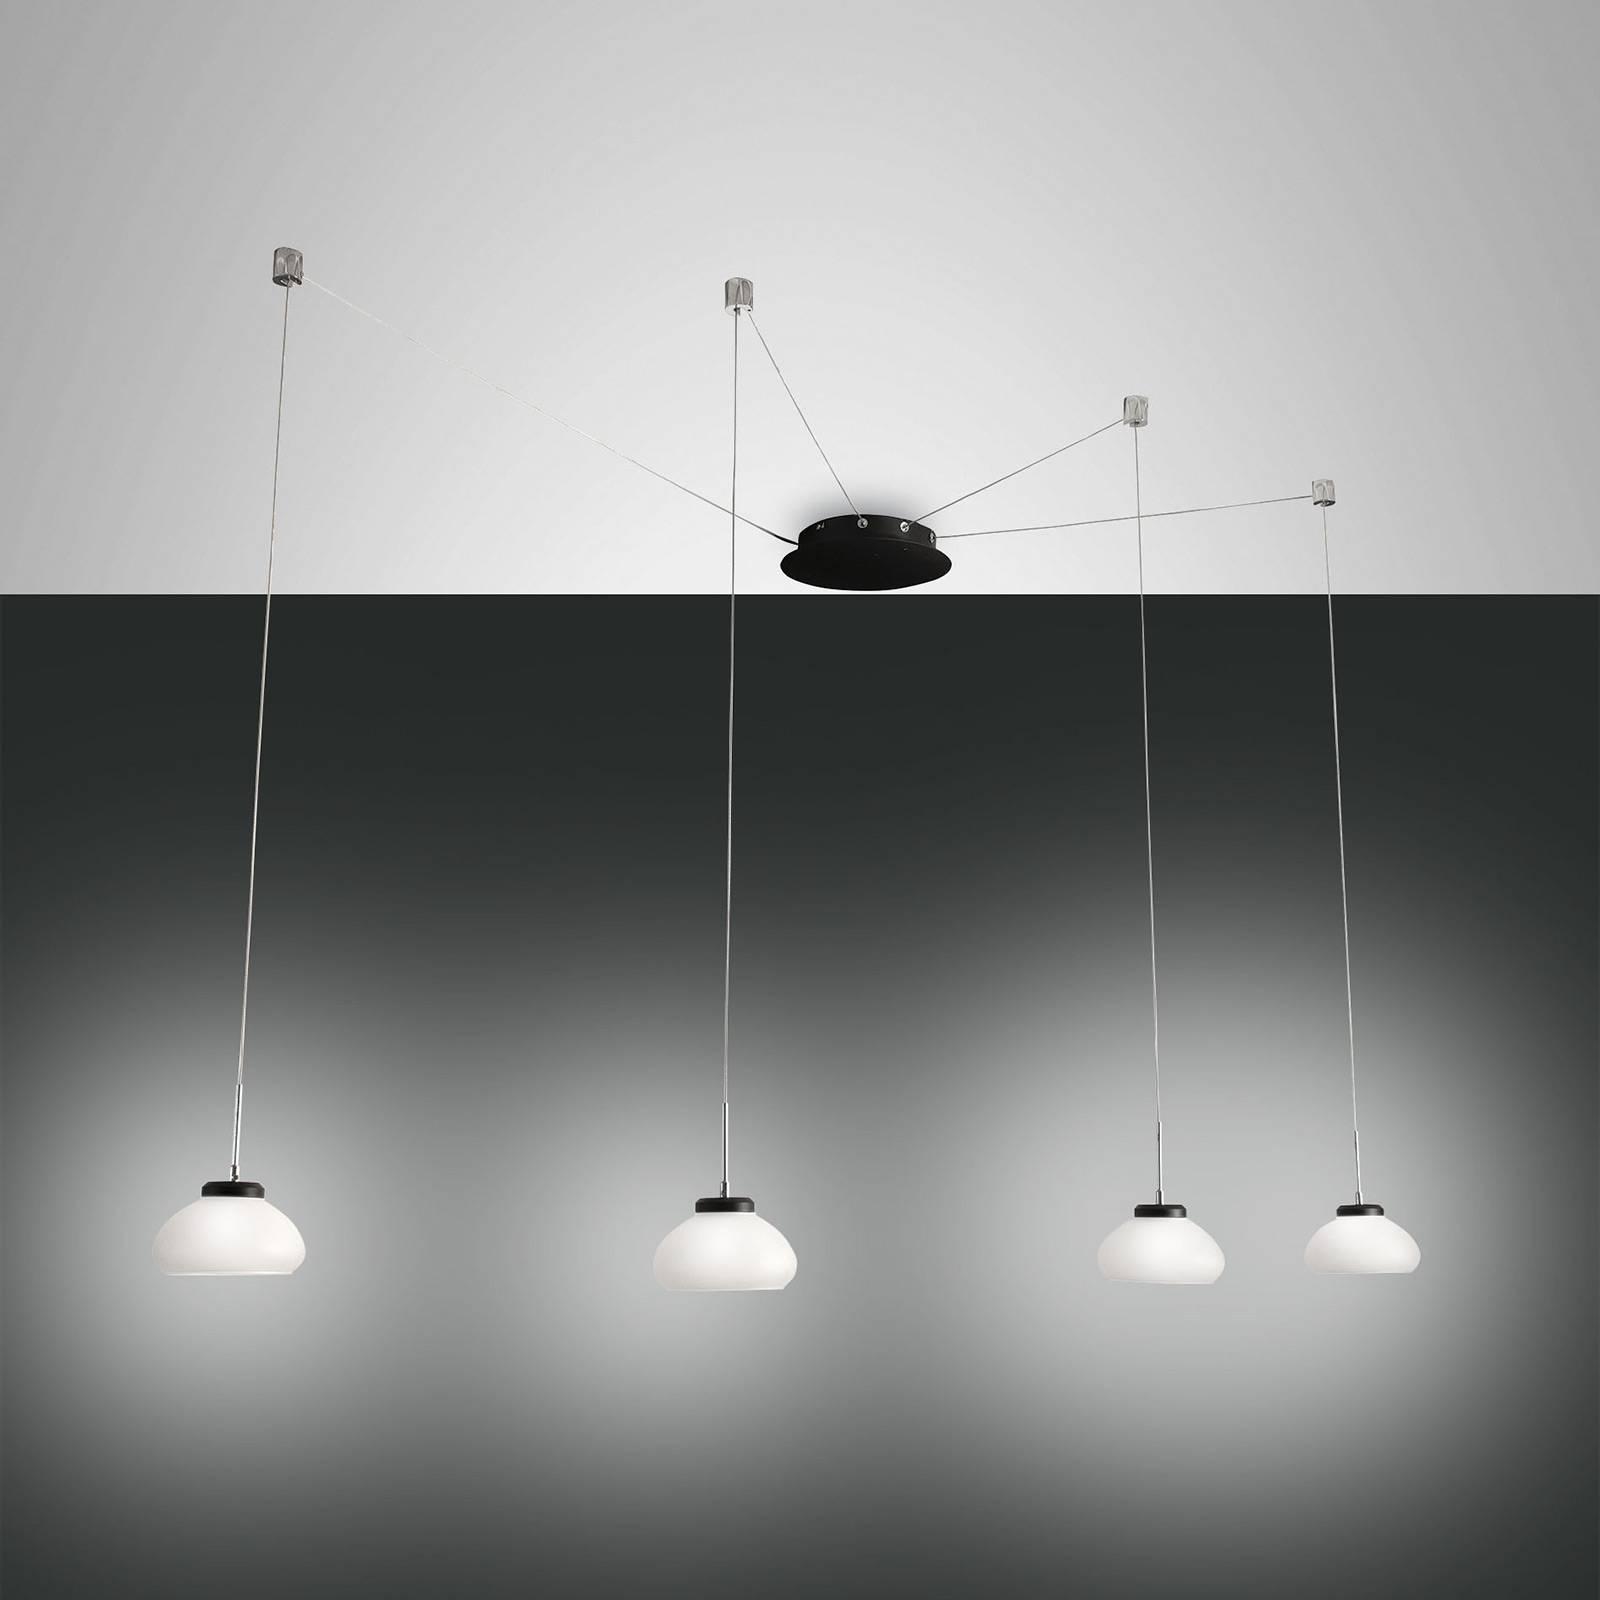 Hanglamp Arabella decentraal 4-lamps, wit